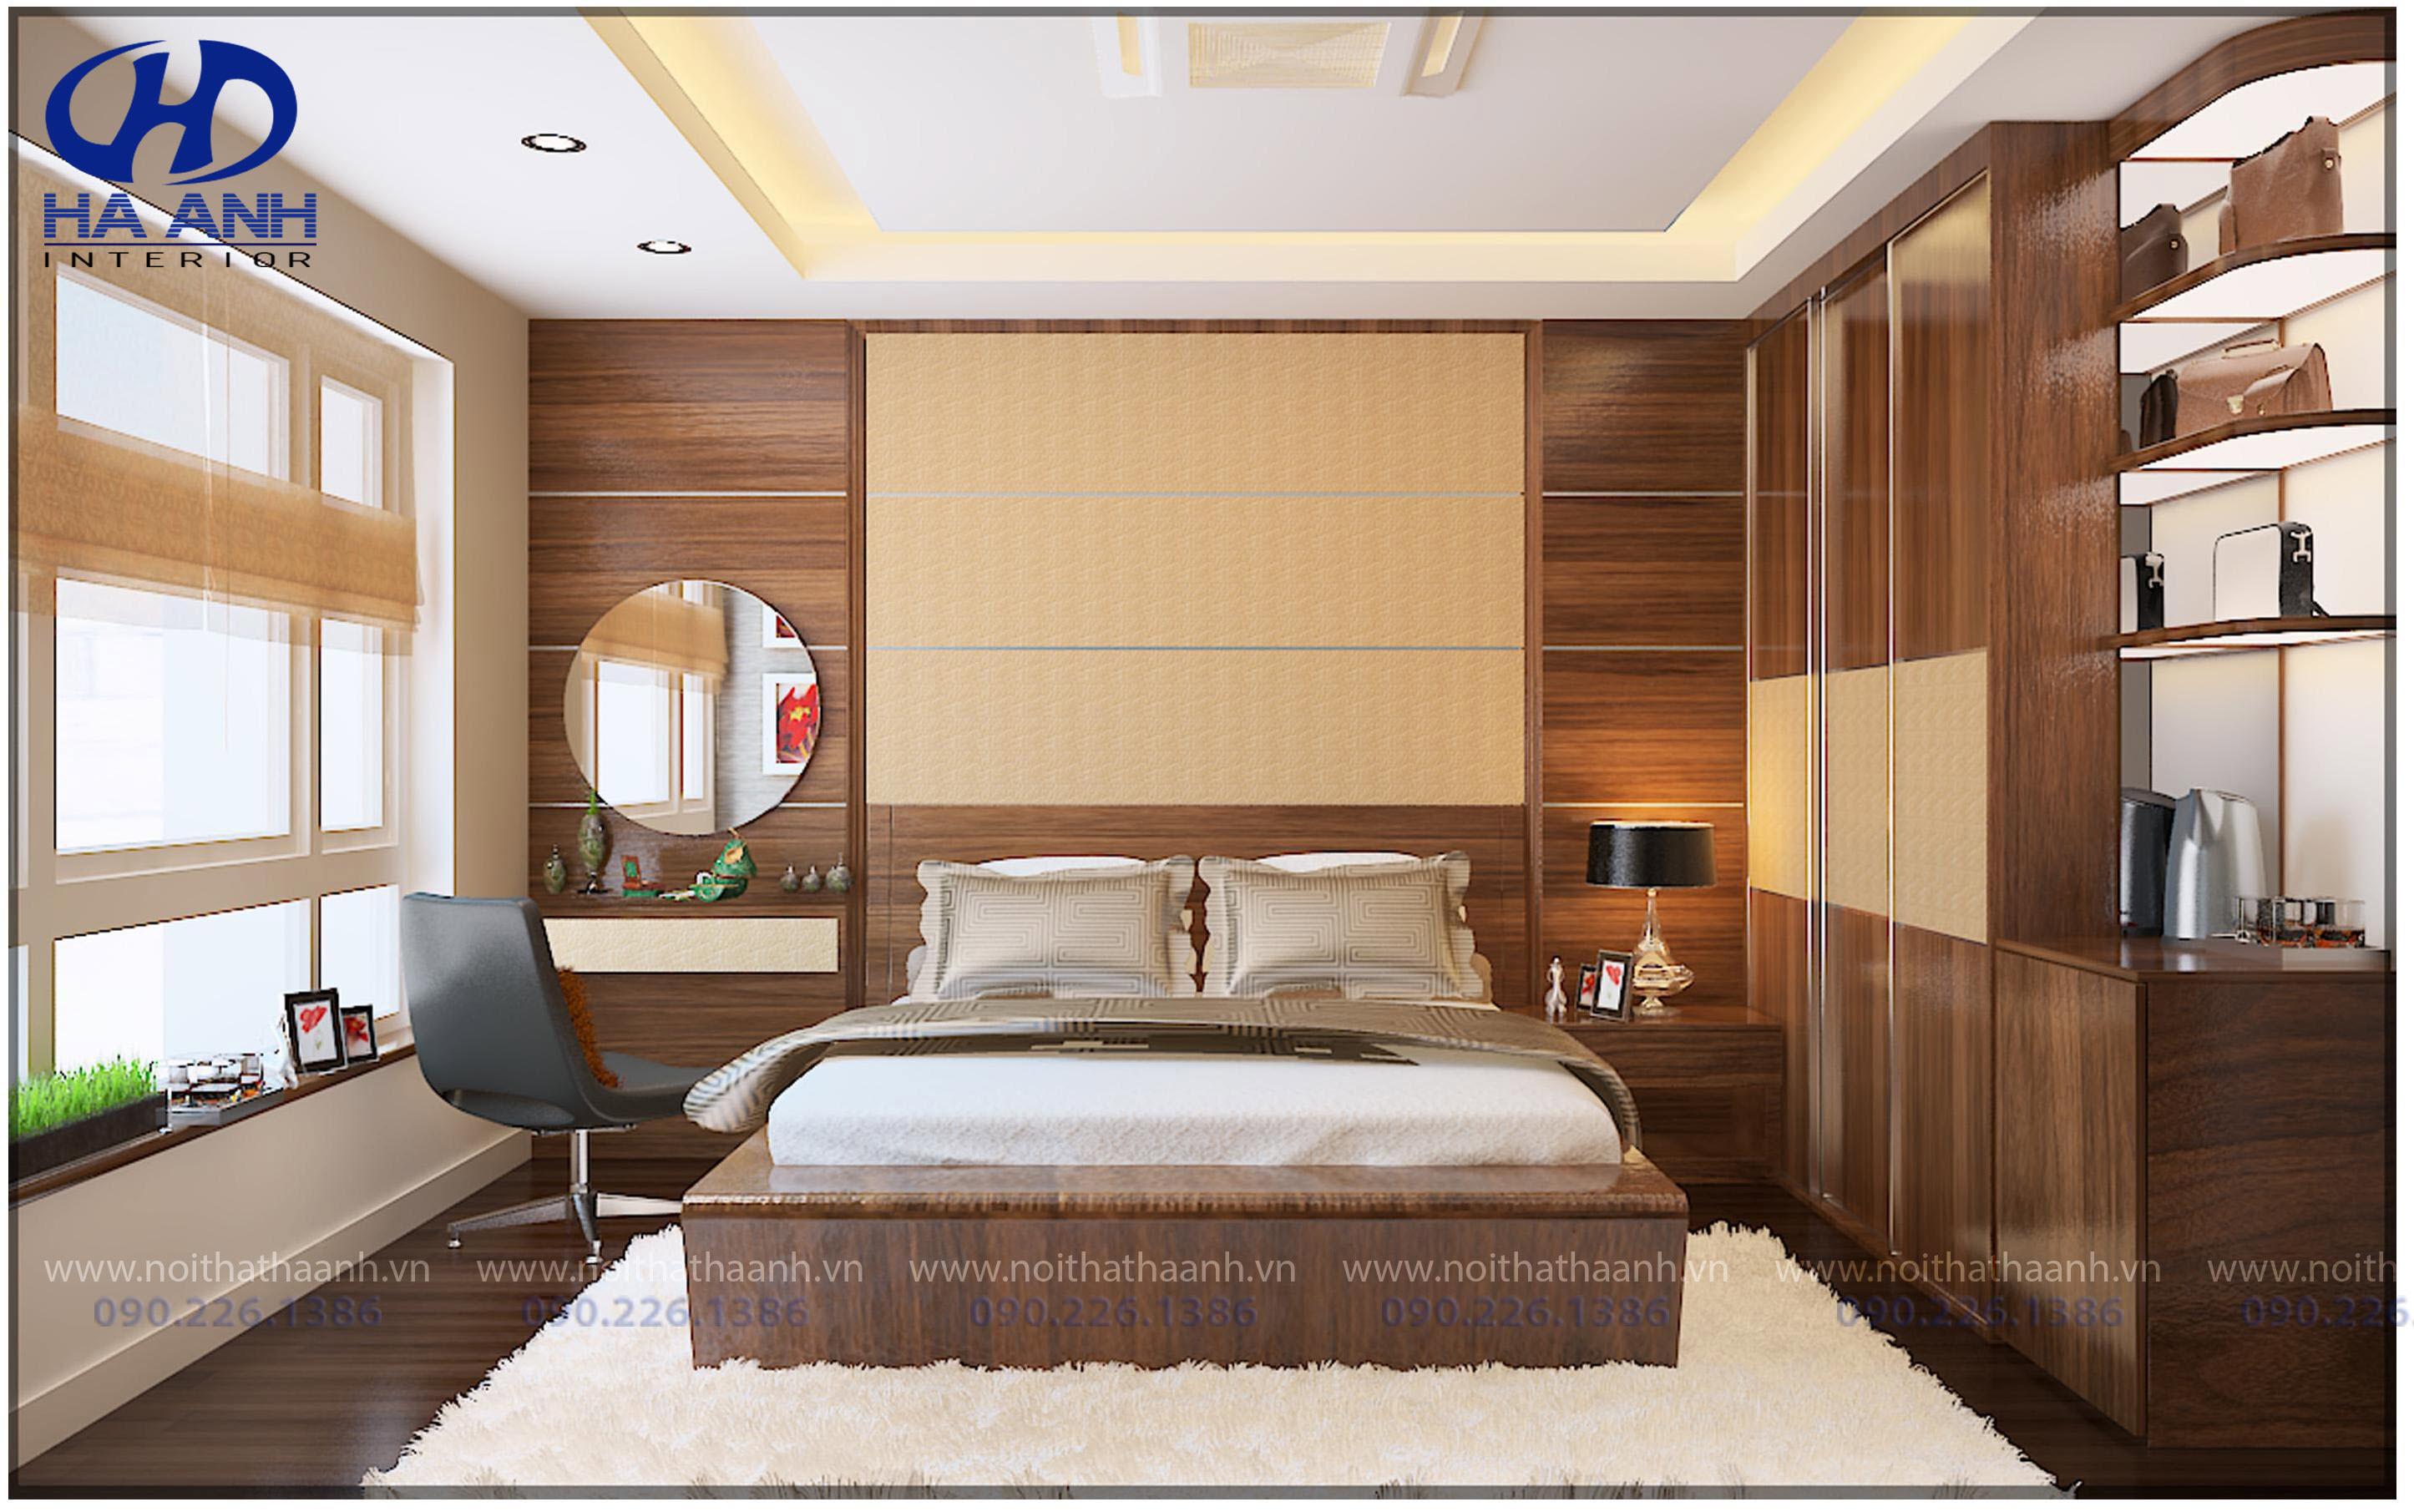 Nội thất phòng ngủ laminate